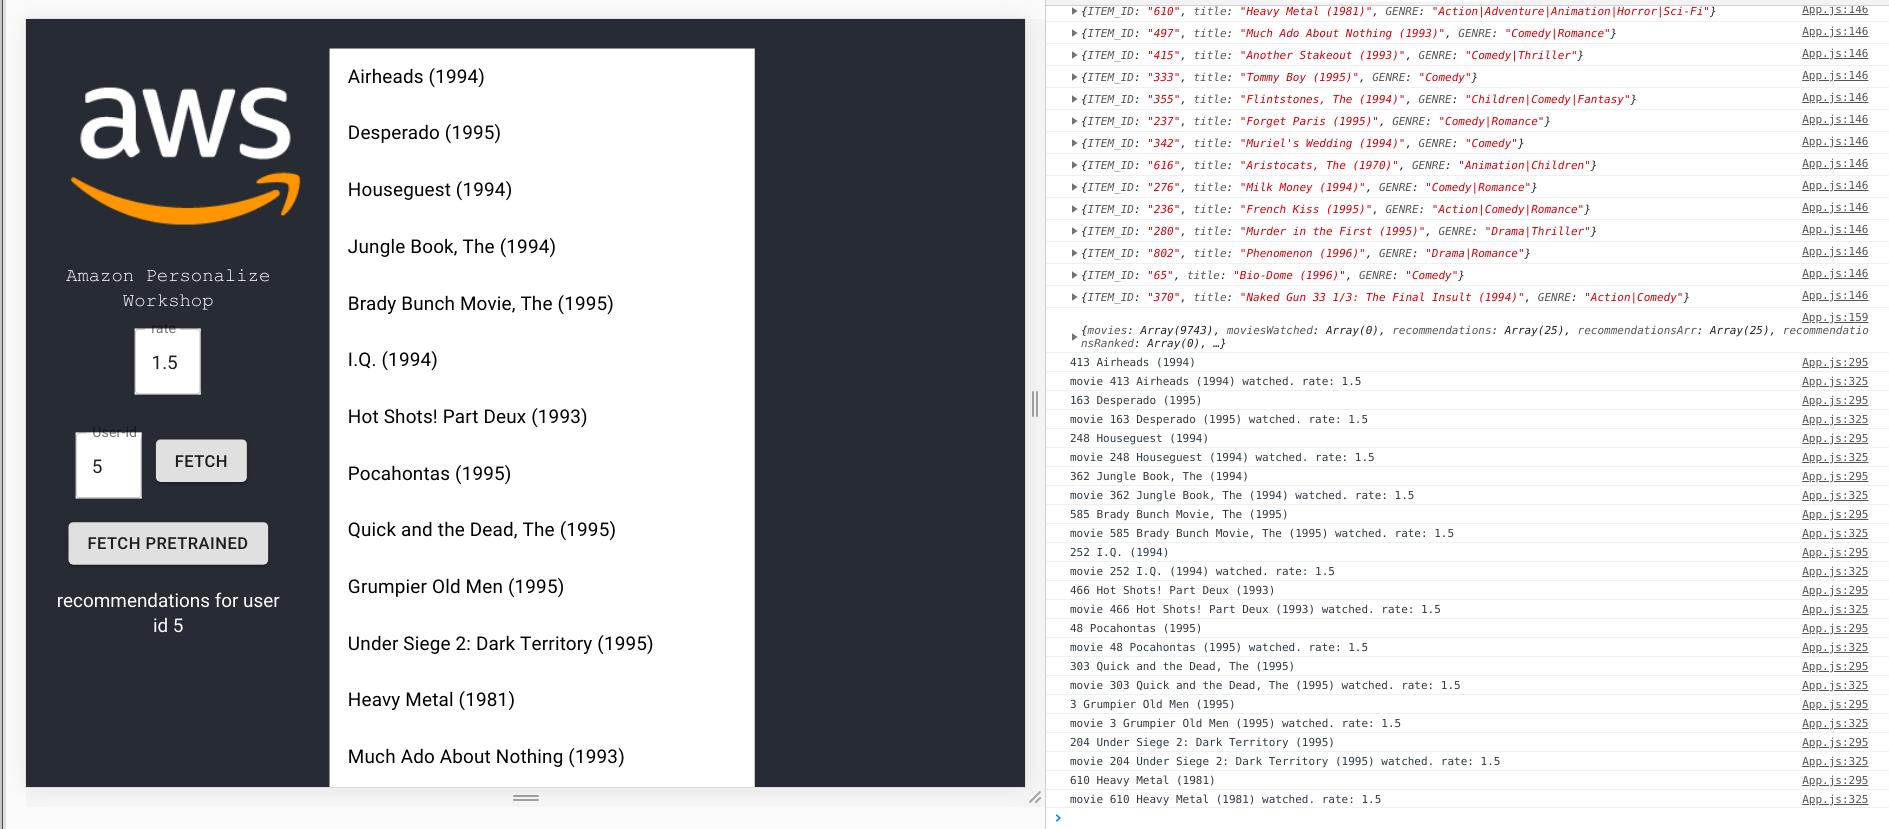 Amplify の AmazonPersonalizeProvider を使用して Analytics.record でイベントを送るAmplify の AmazonPersonalizeProvider を使用して Analytics.record でイベントを送る